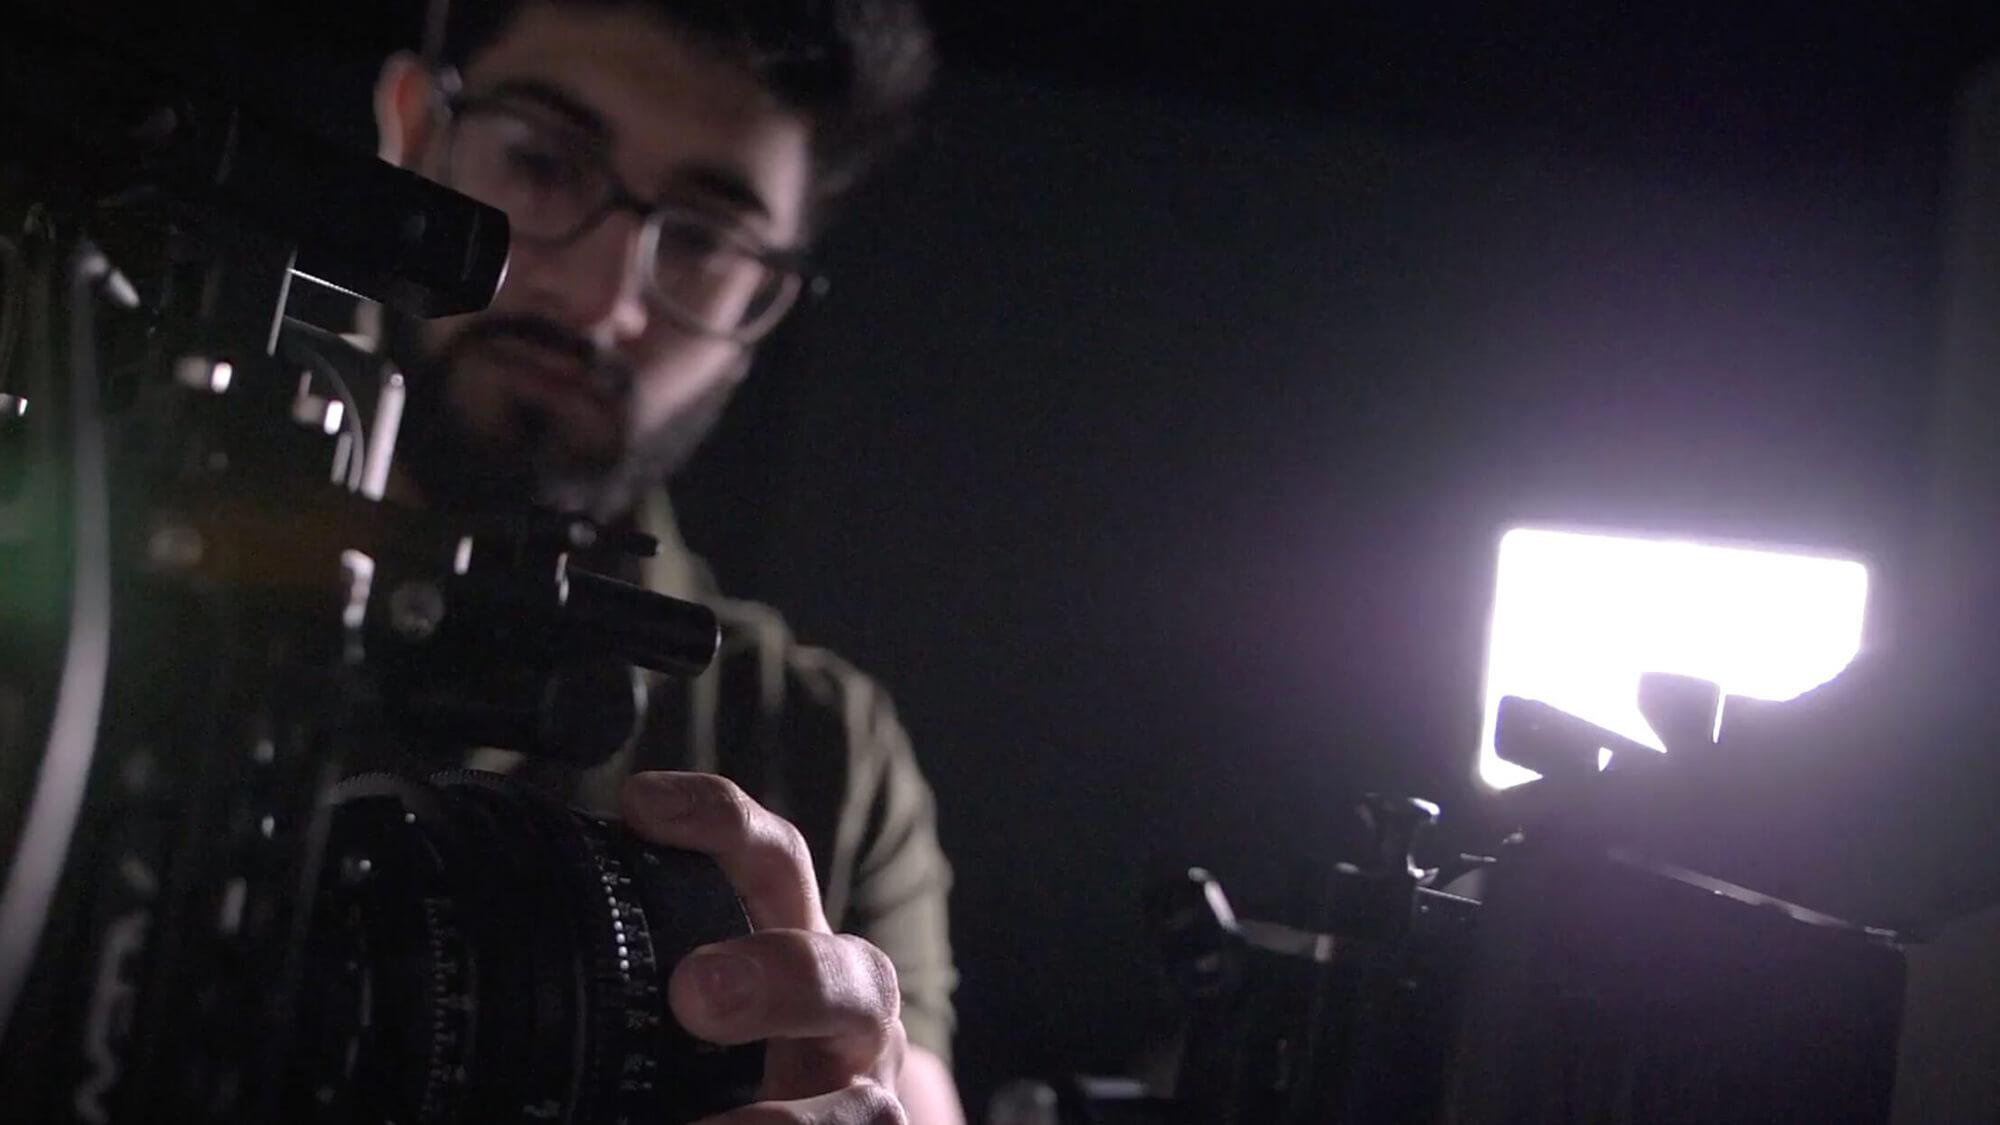 Omar Soomro smiling